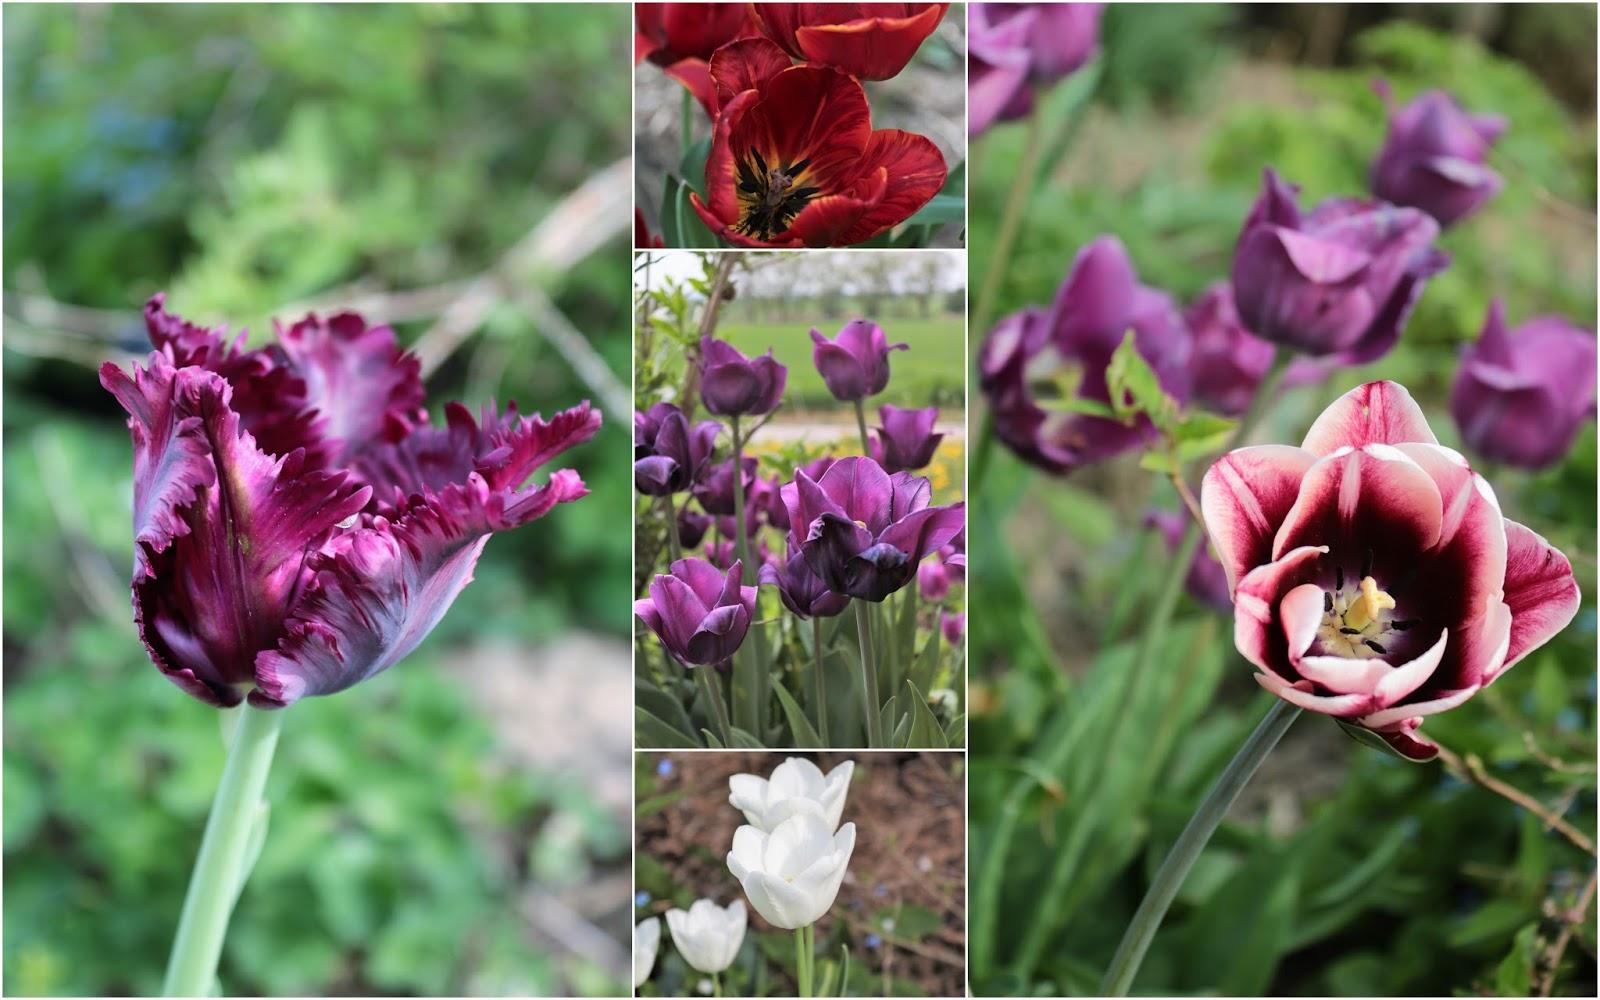 Frühling! oder ein Blütenmeer im Garten